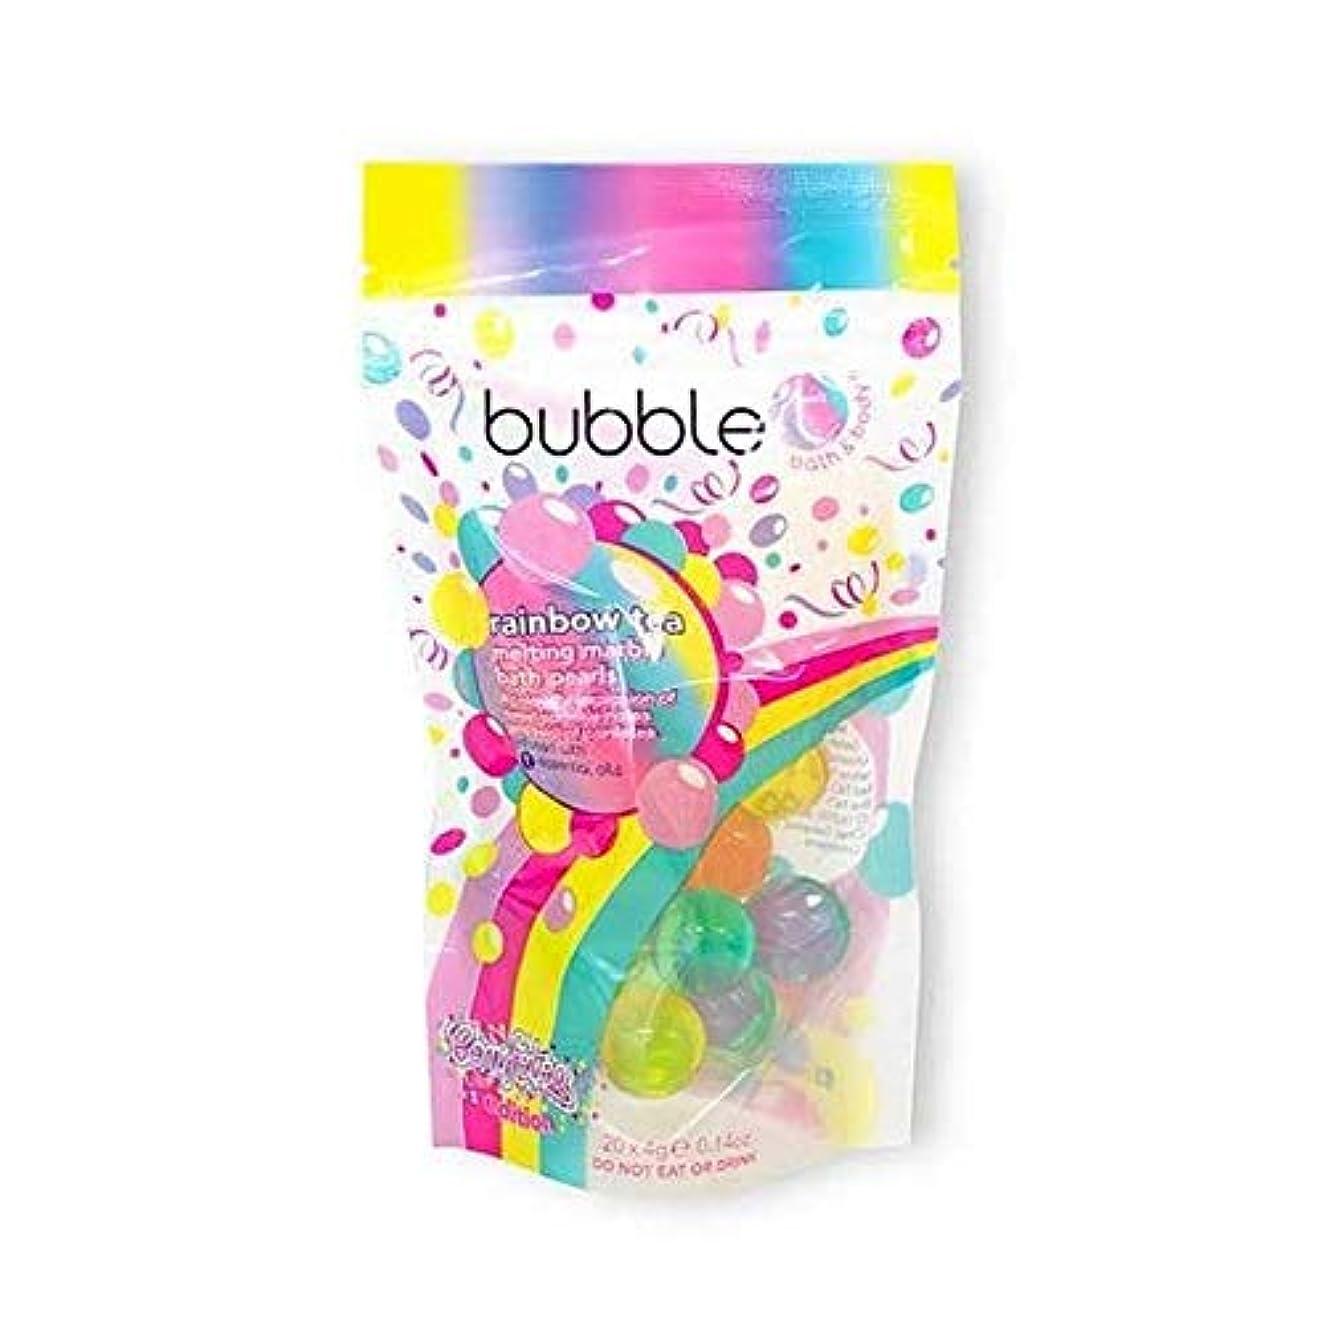 午後麻痺軽蔑する[Bubble T ] バブルトン化粧品溶融槽真珠虹茶20×4グラム - Bubble T Cosmetics Melting Bath Pearls Rainbow Tea 20 x 4g [並行輸入品]